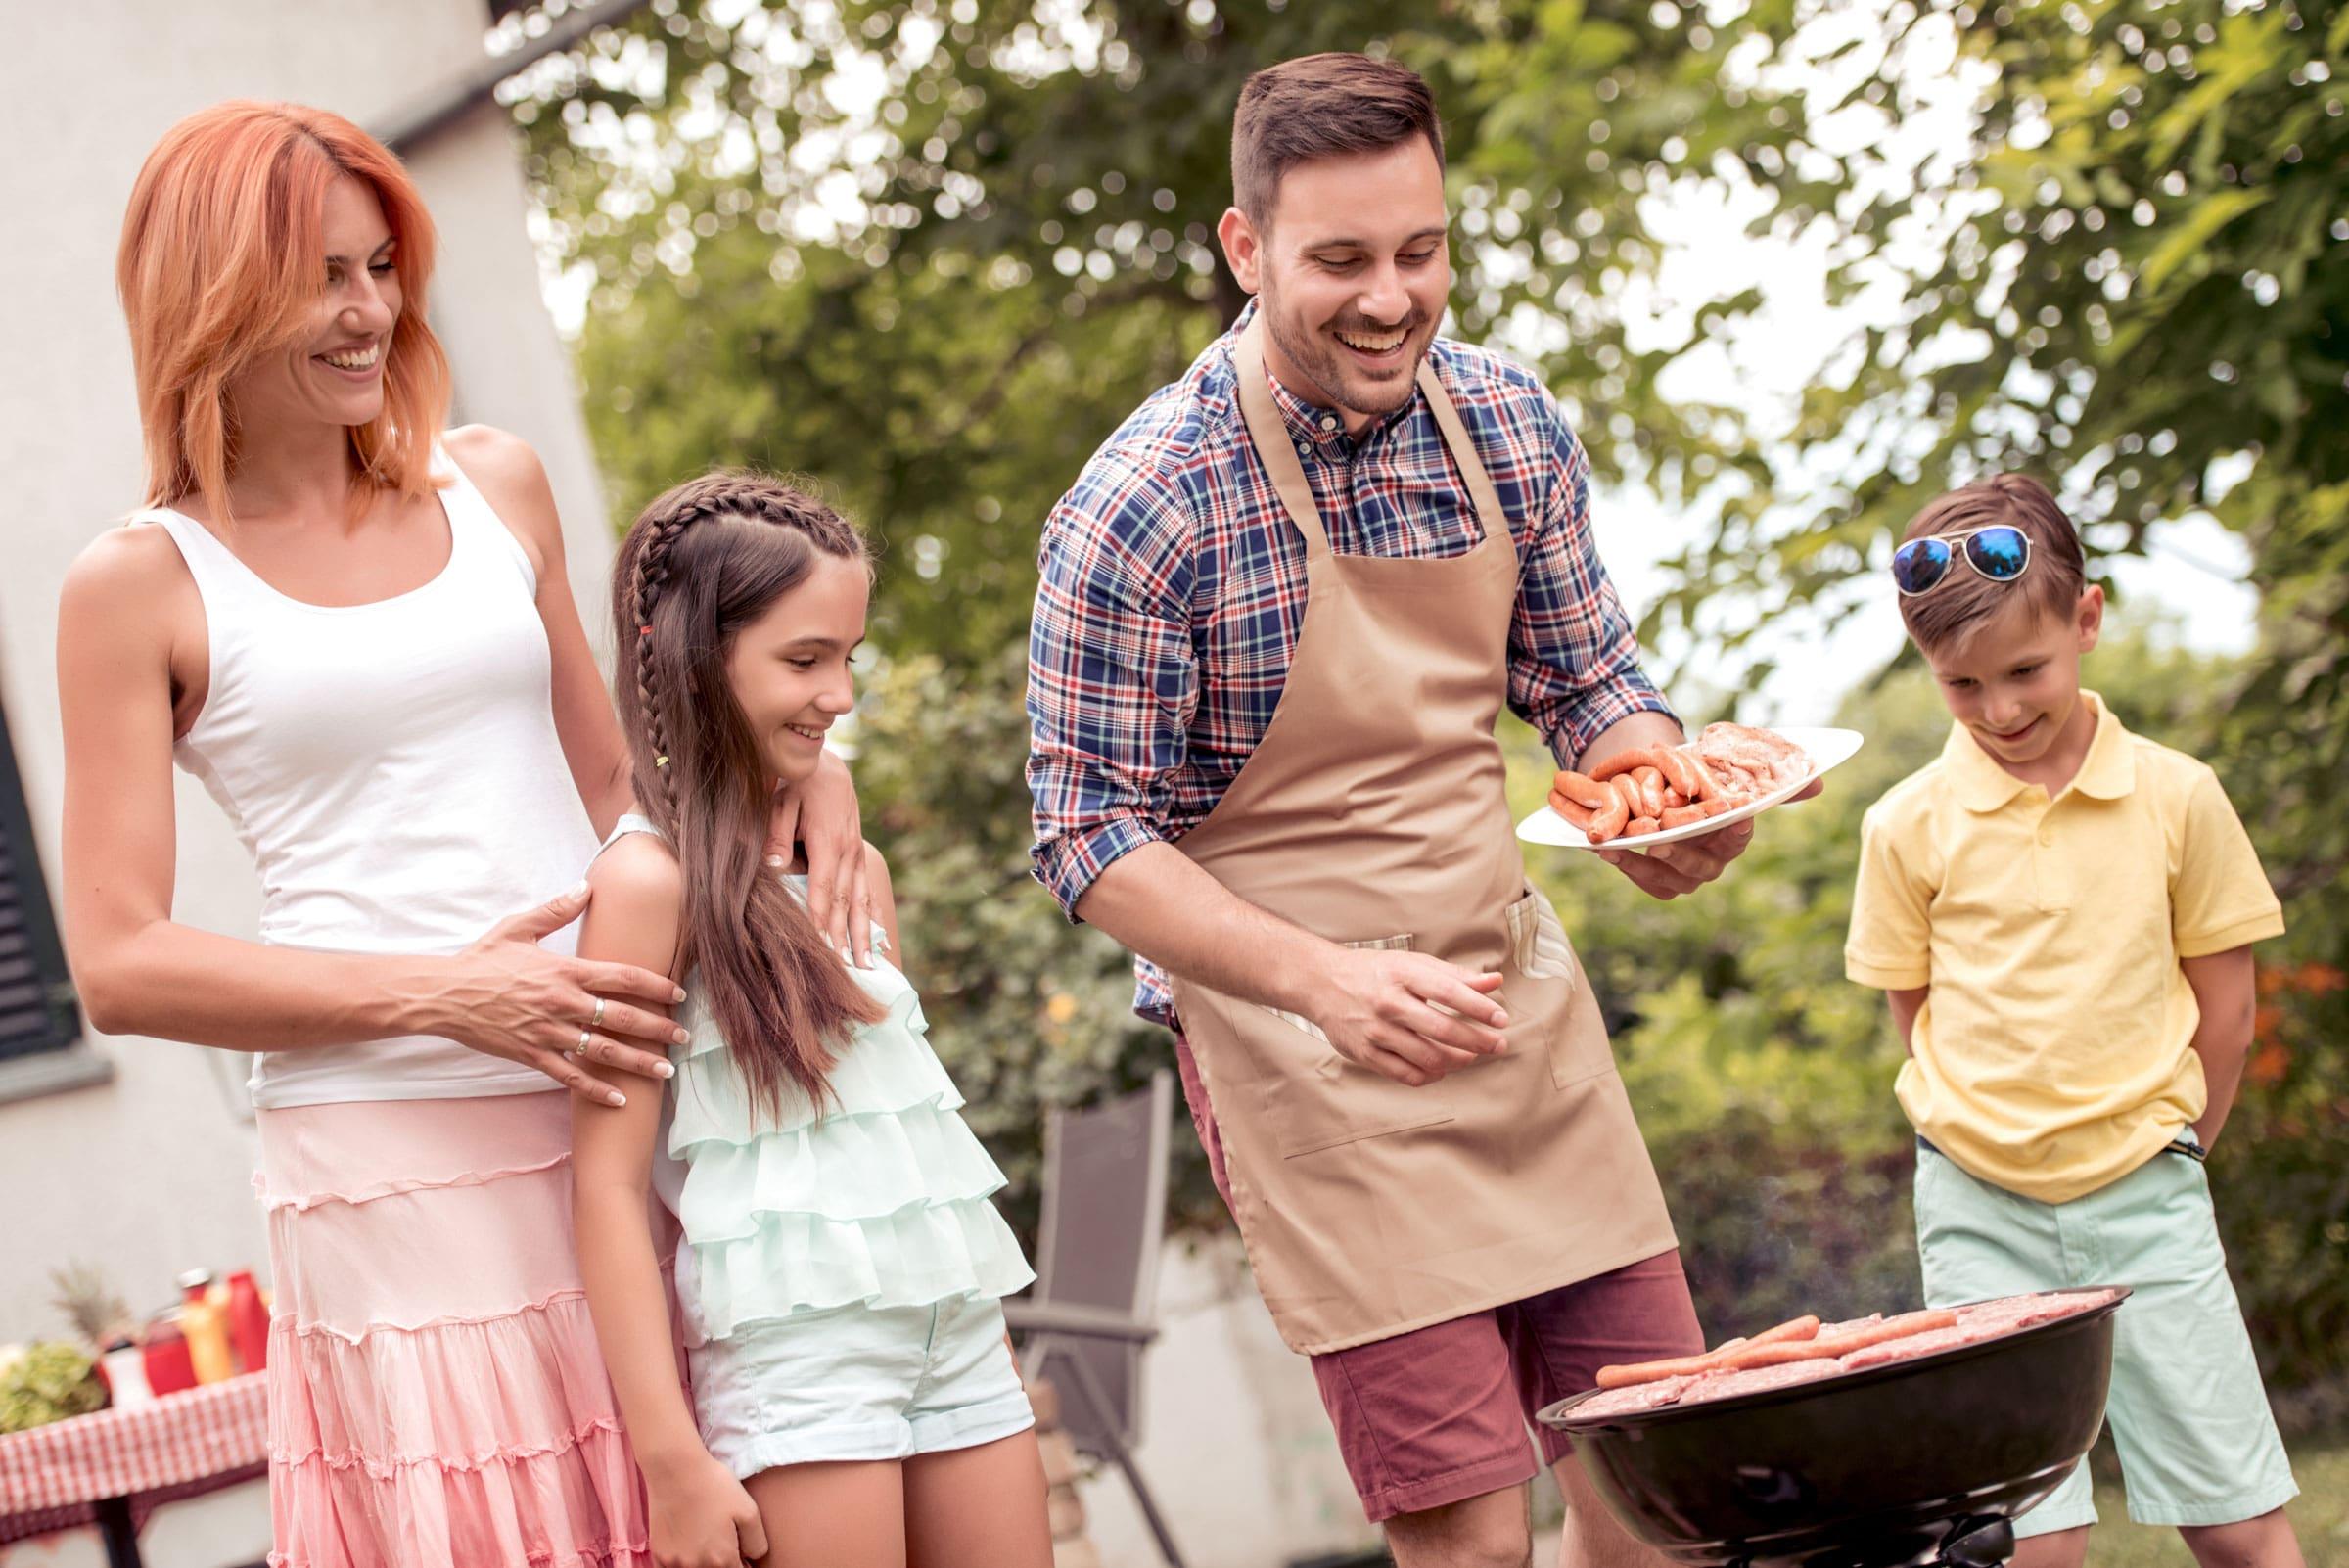 Gemeinsam mit der Familie natürliche Produkte genießen - das ist der aktuelle Grill-Trend.